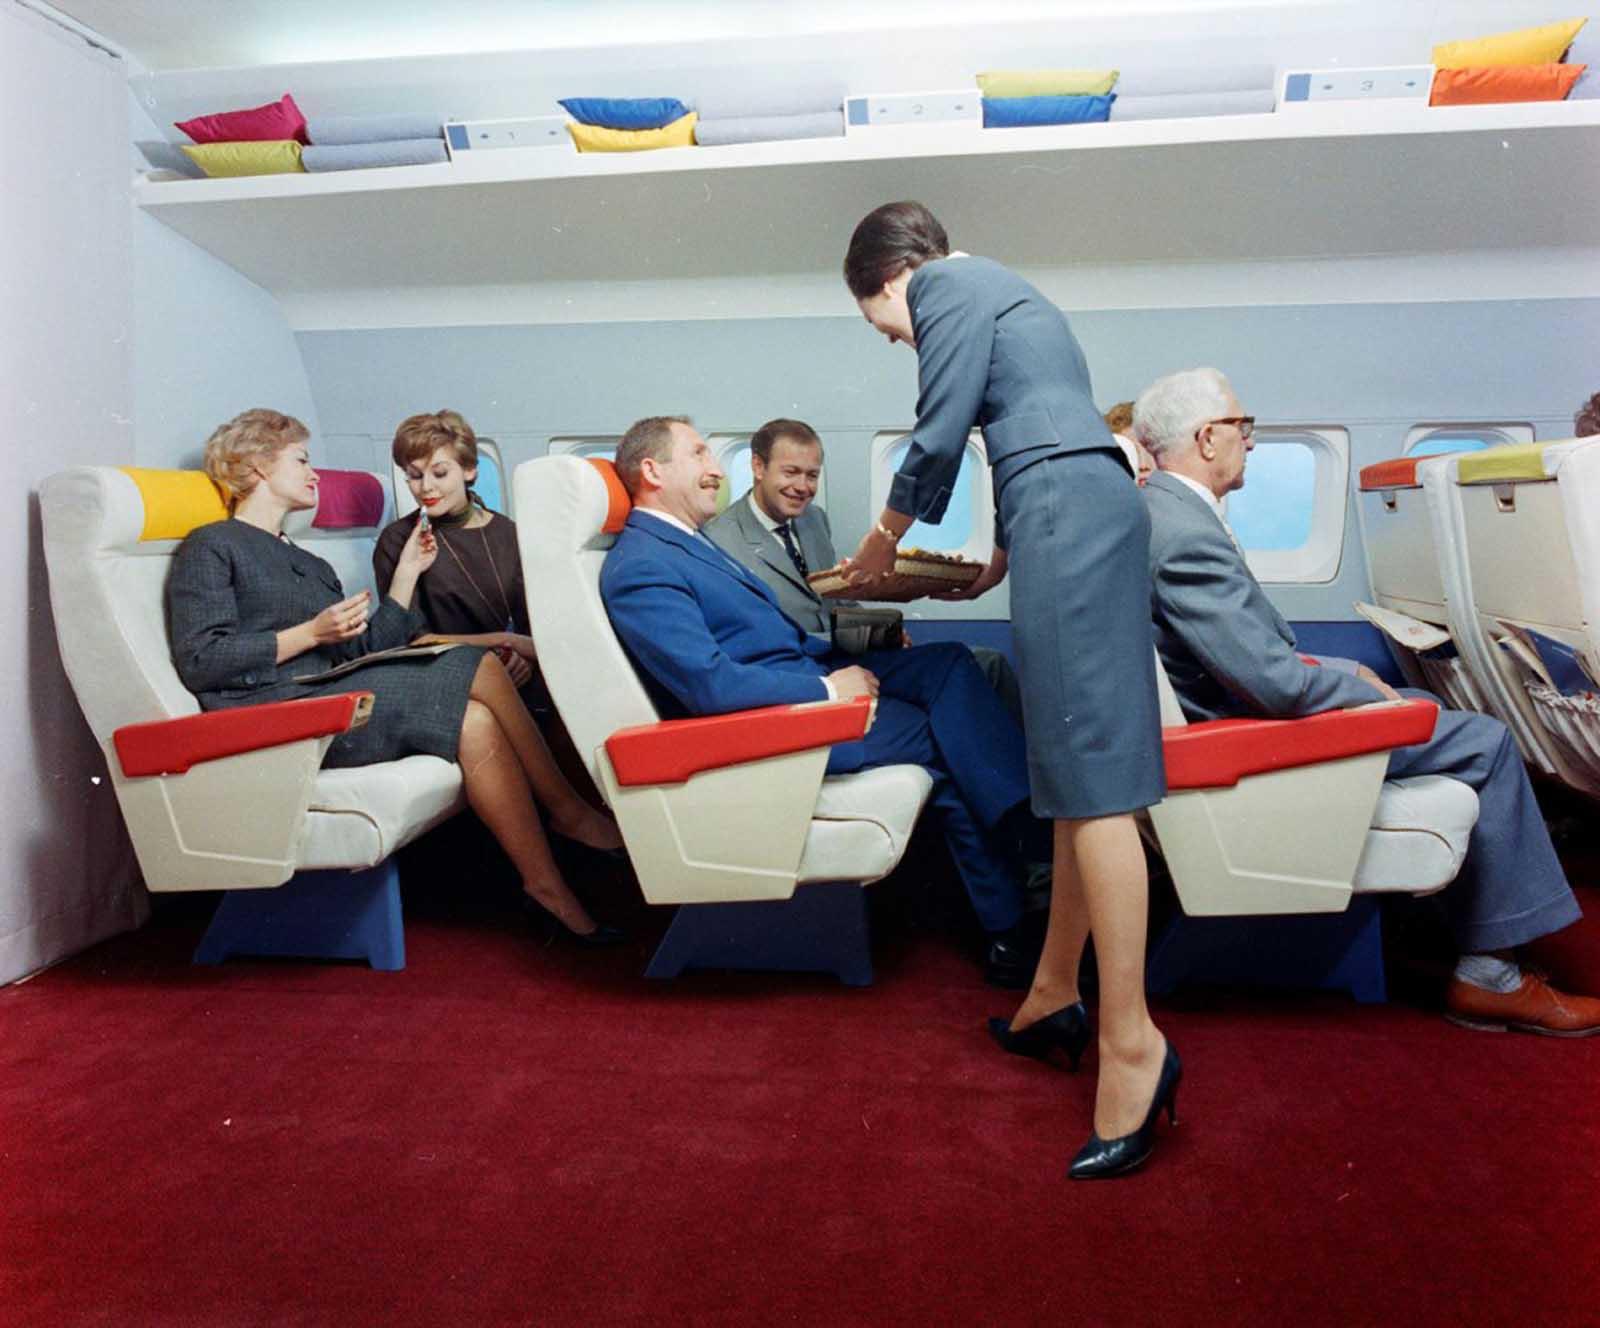 À medida que os aviões evoluíram, o conceito de viajar de avião tornou-se algo de apelo potencialmente mais amplo, e as companhias aéreas agiram para tornar as viagens aéreas mais confortáveis e mais gentis.